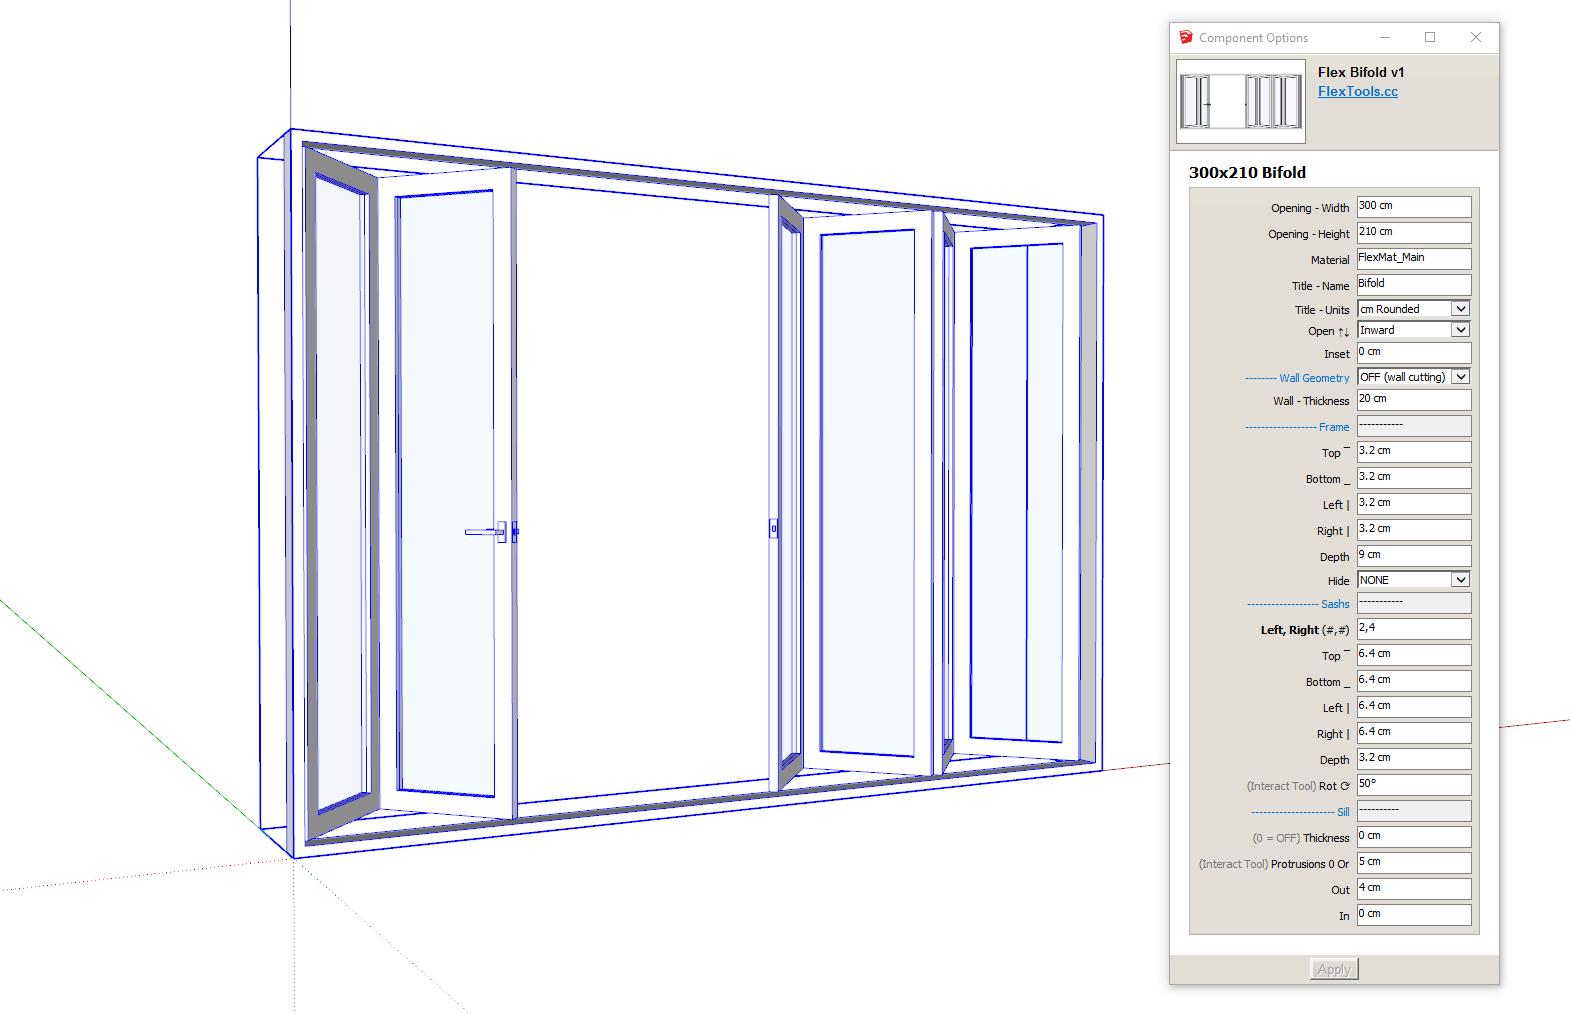 Flex Bifolding Door